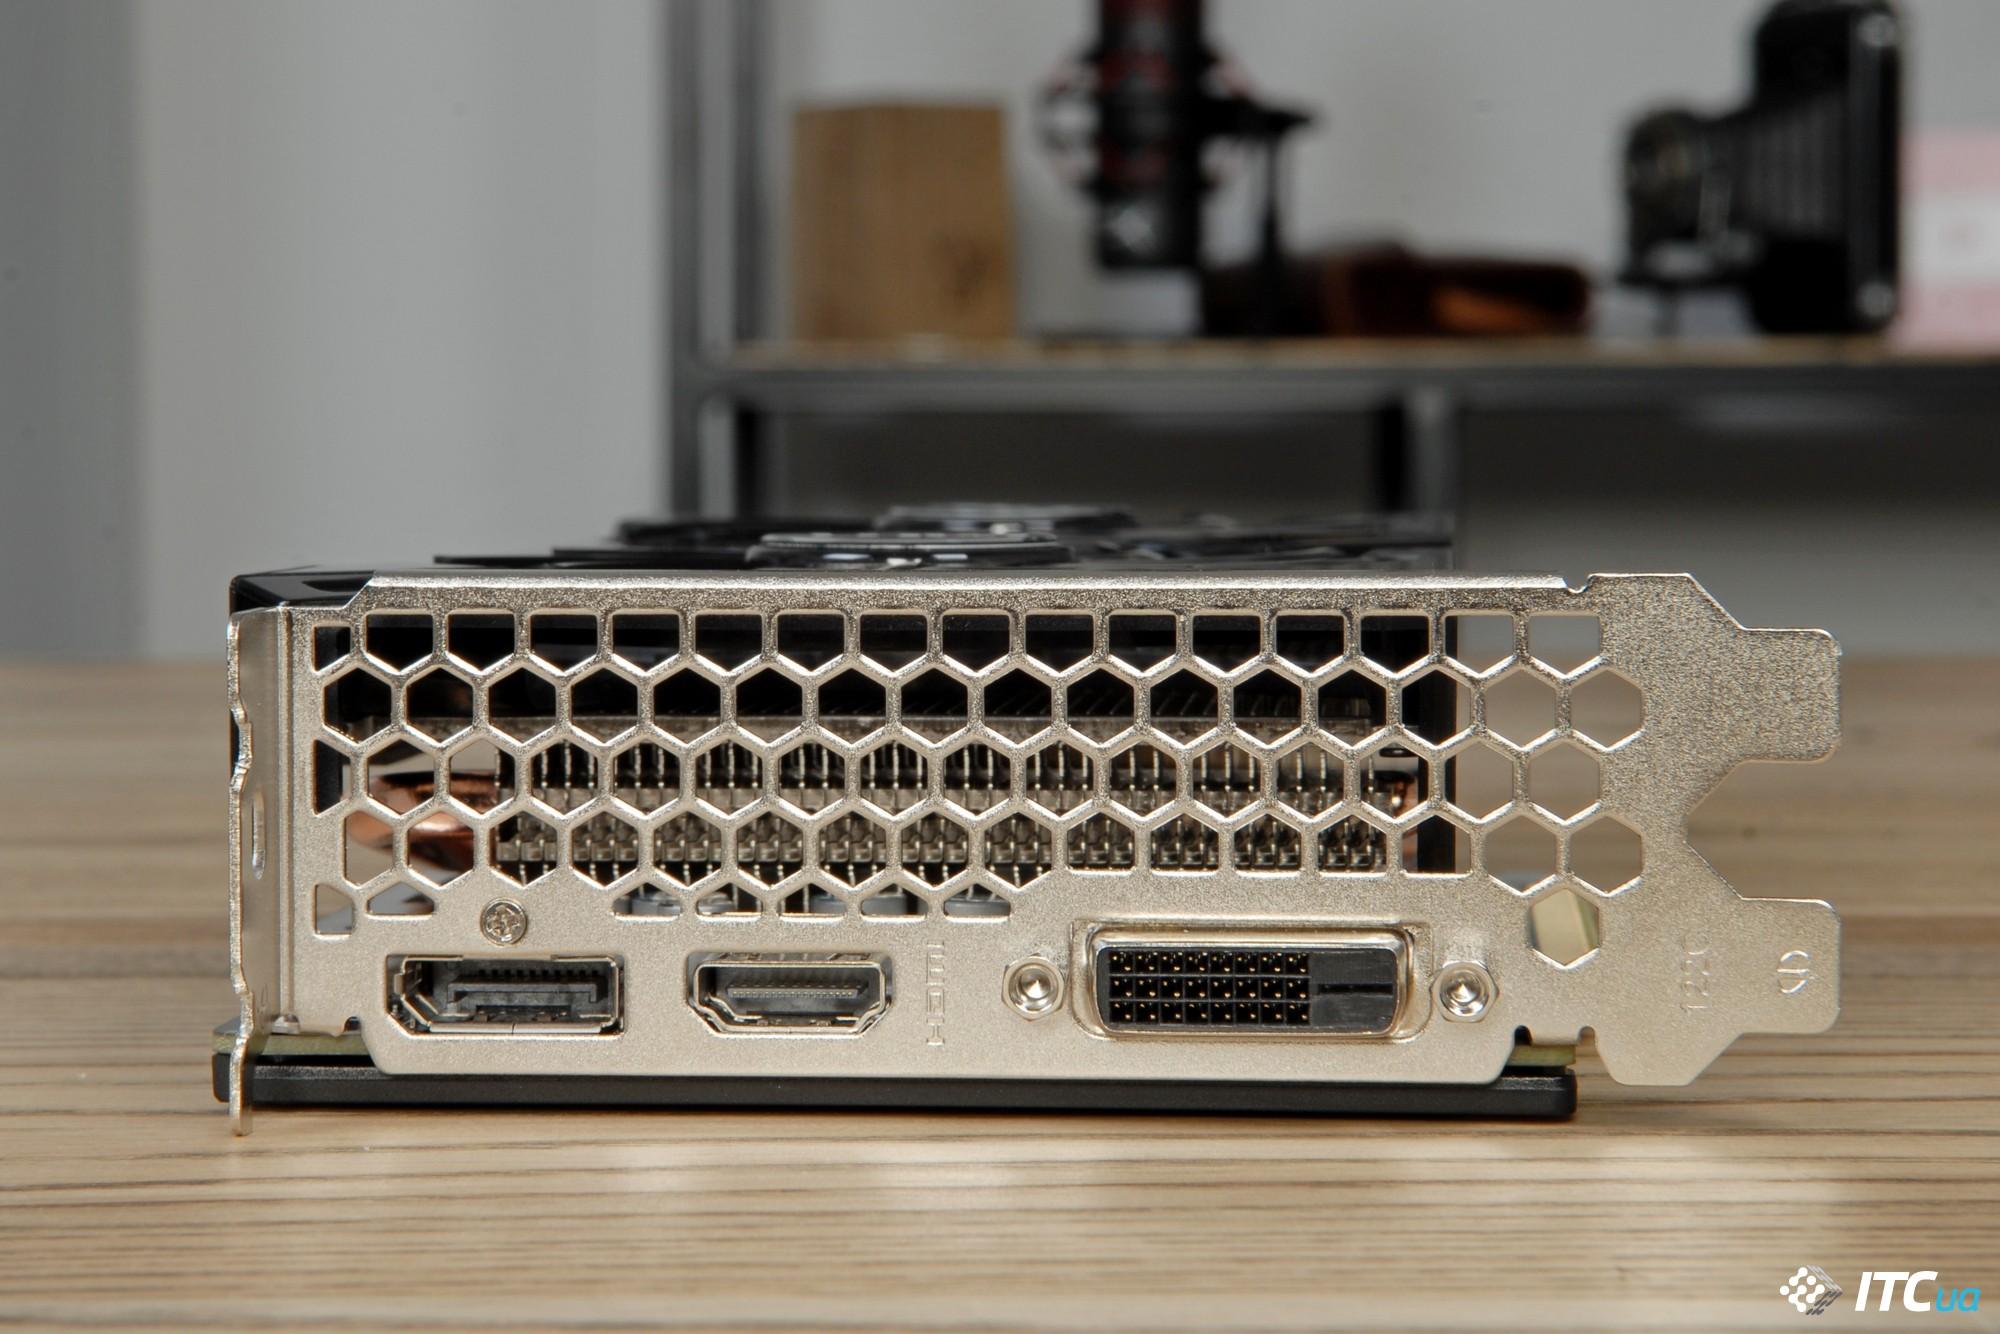 Обзор видеокарты GeForce GTX 1660 SUPER: приятное усиление